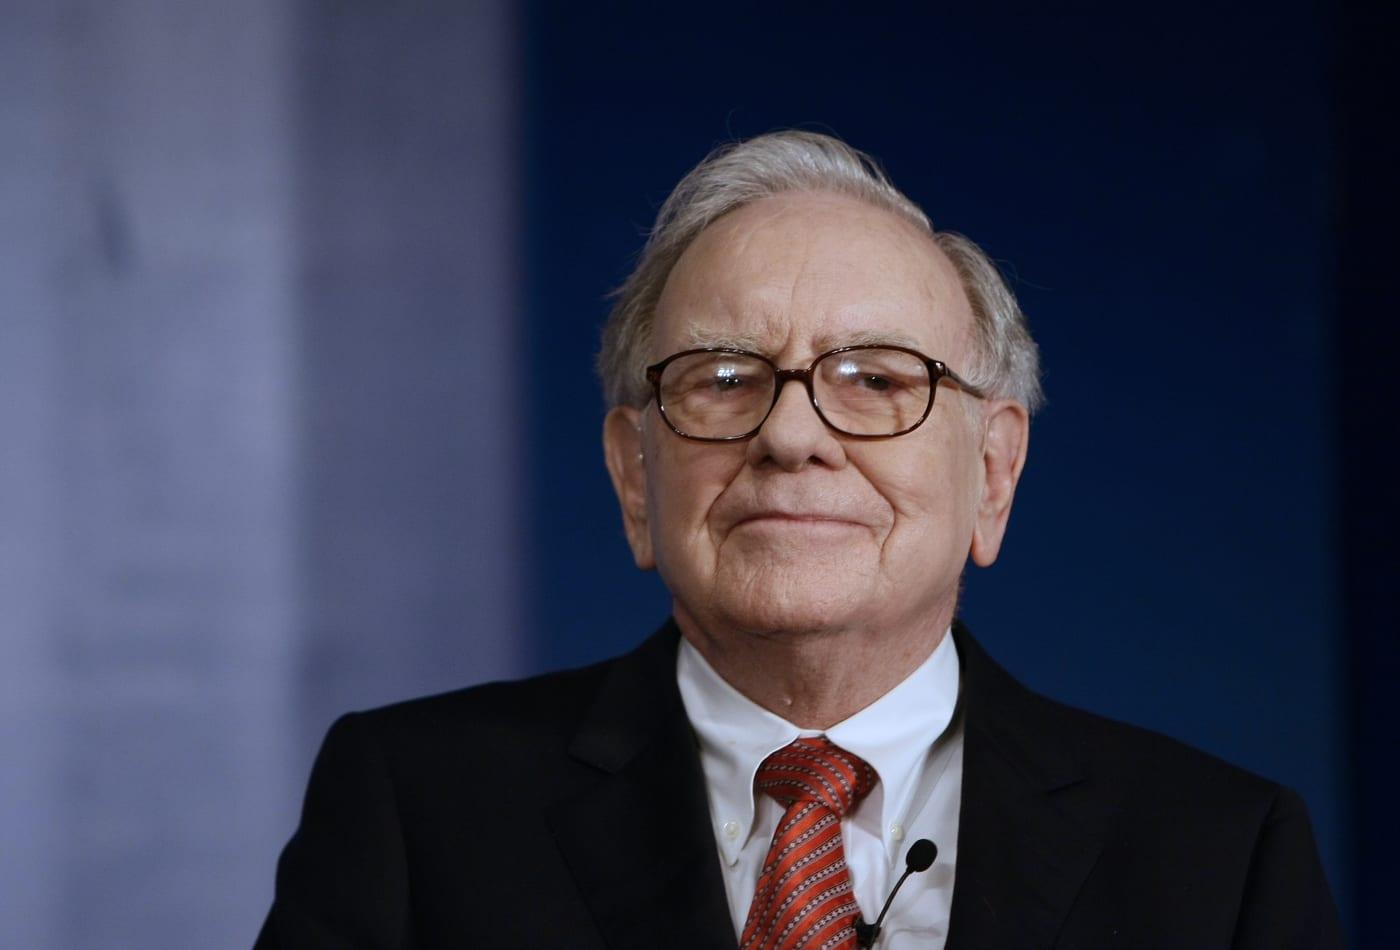 Khuyên không mua cổ phiếu riêng lẻ, Warren Buffett chỉ cách đầu tư thay thế